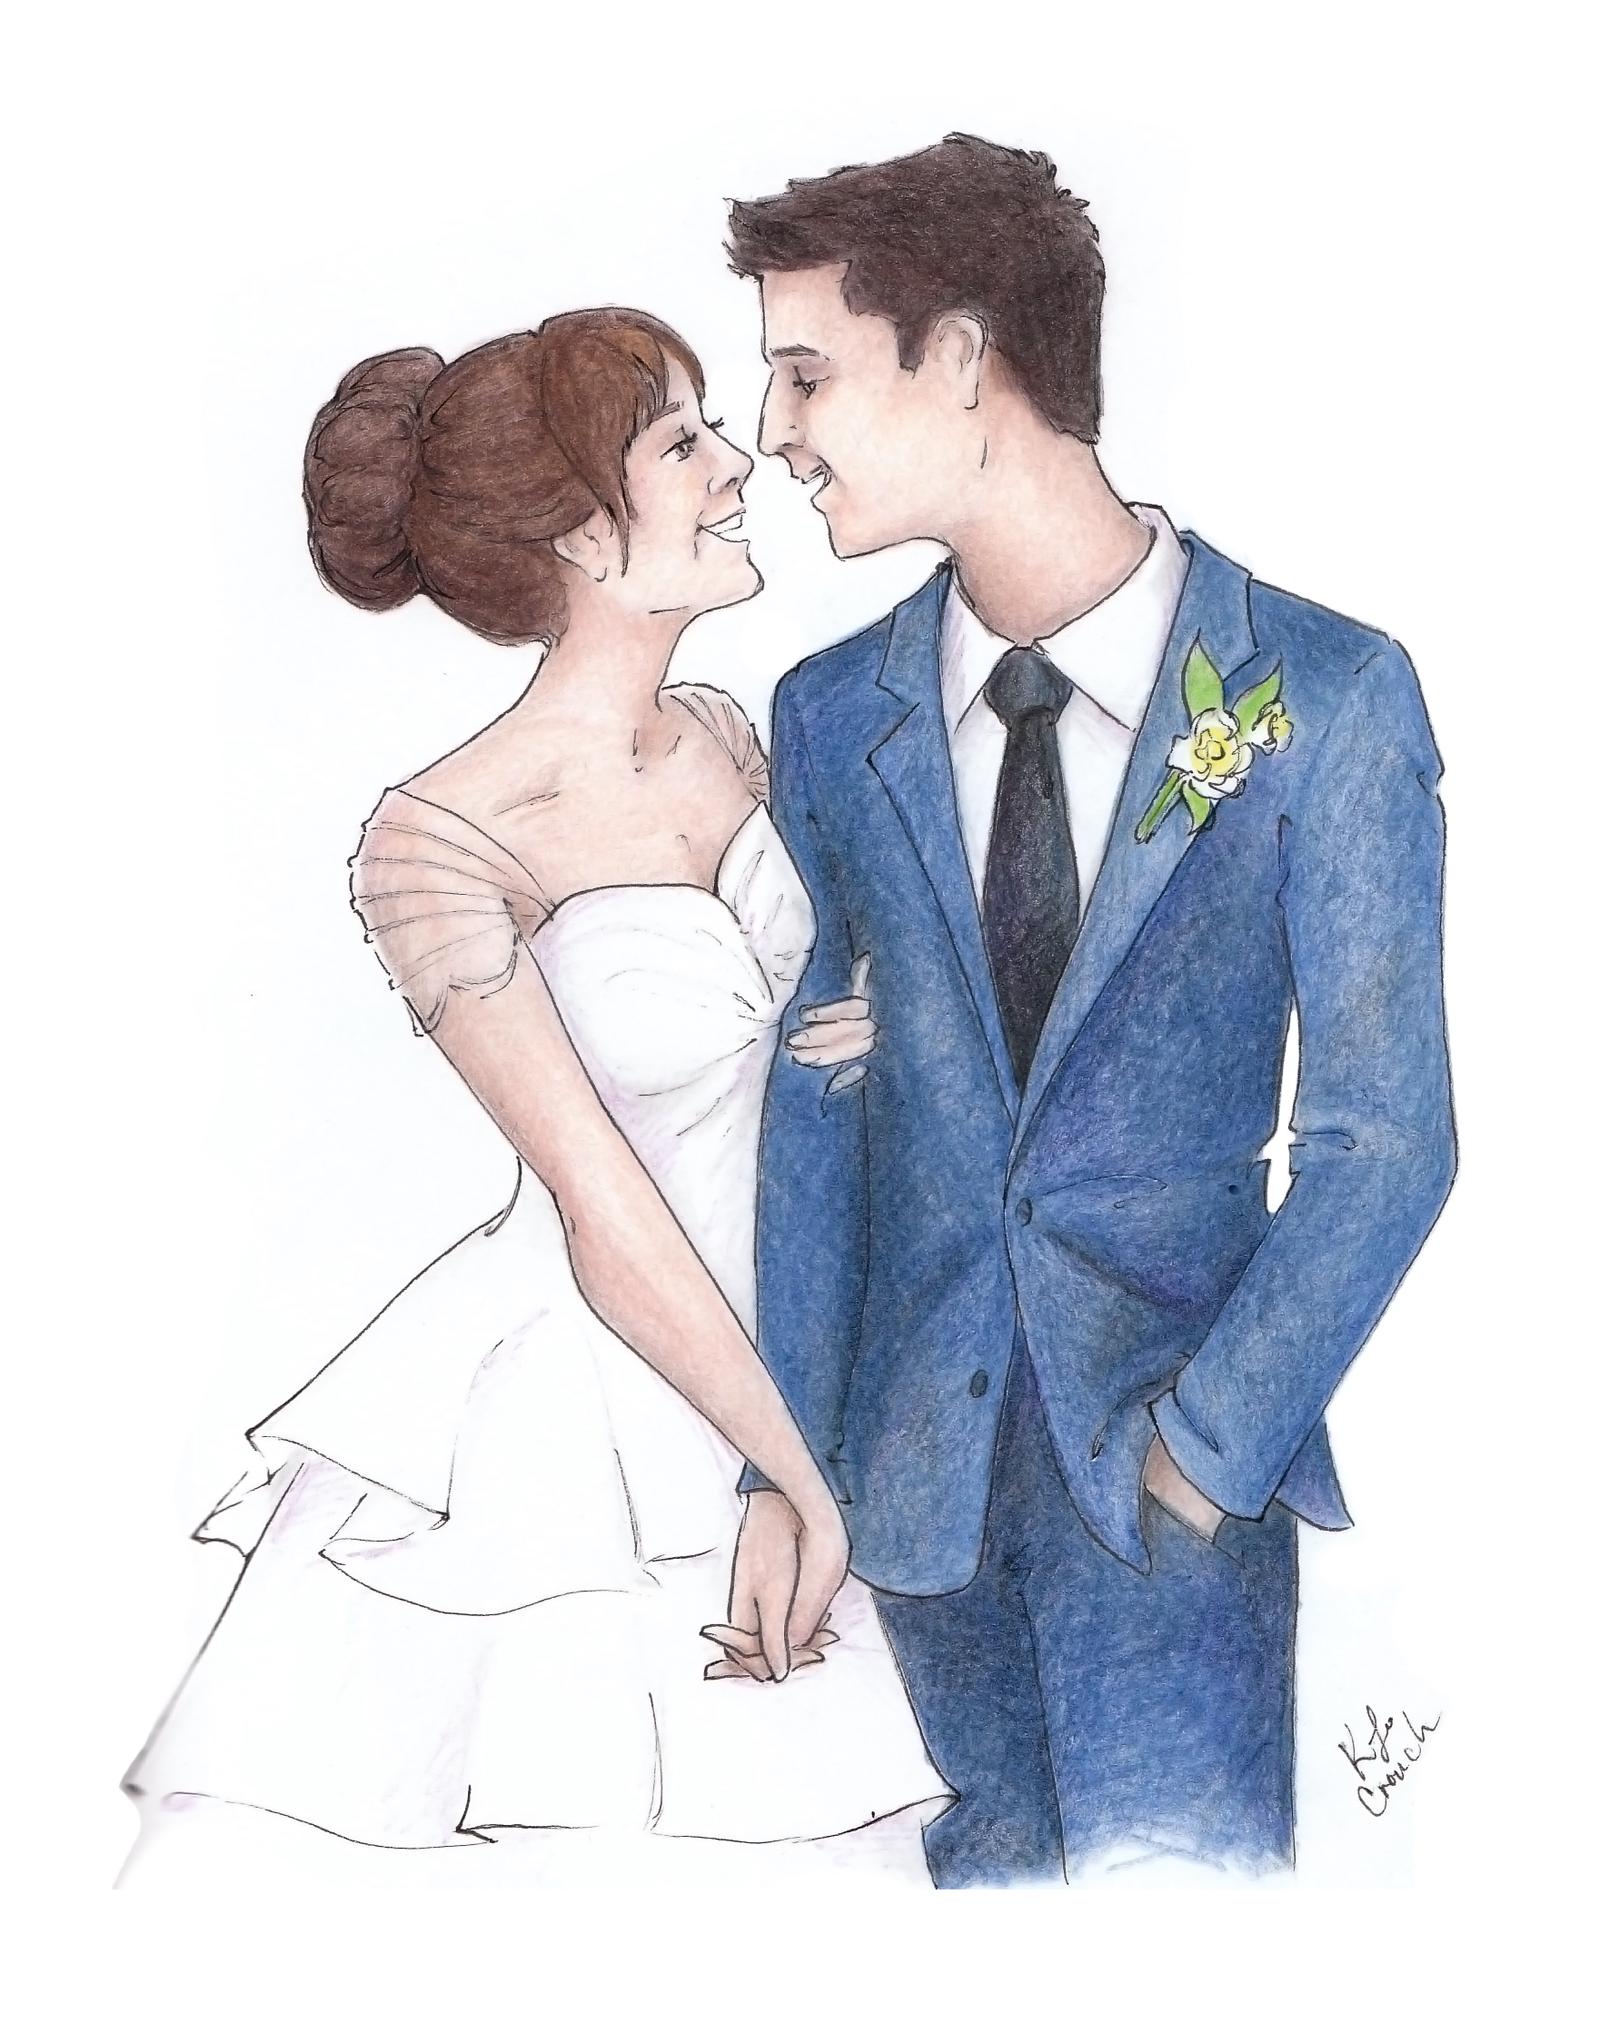 Custom watercolor bridal portrait. Fine art bridal portrait for a unique anniversary gift. #customportrait #portraitillustration #blusheddesign #watercolorportrait